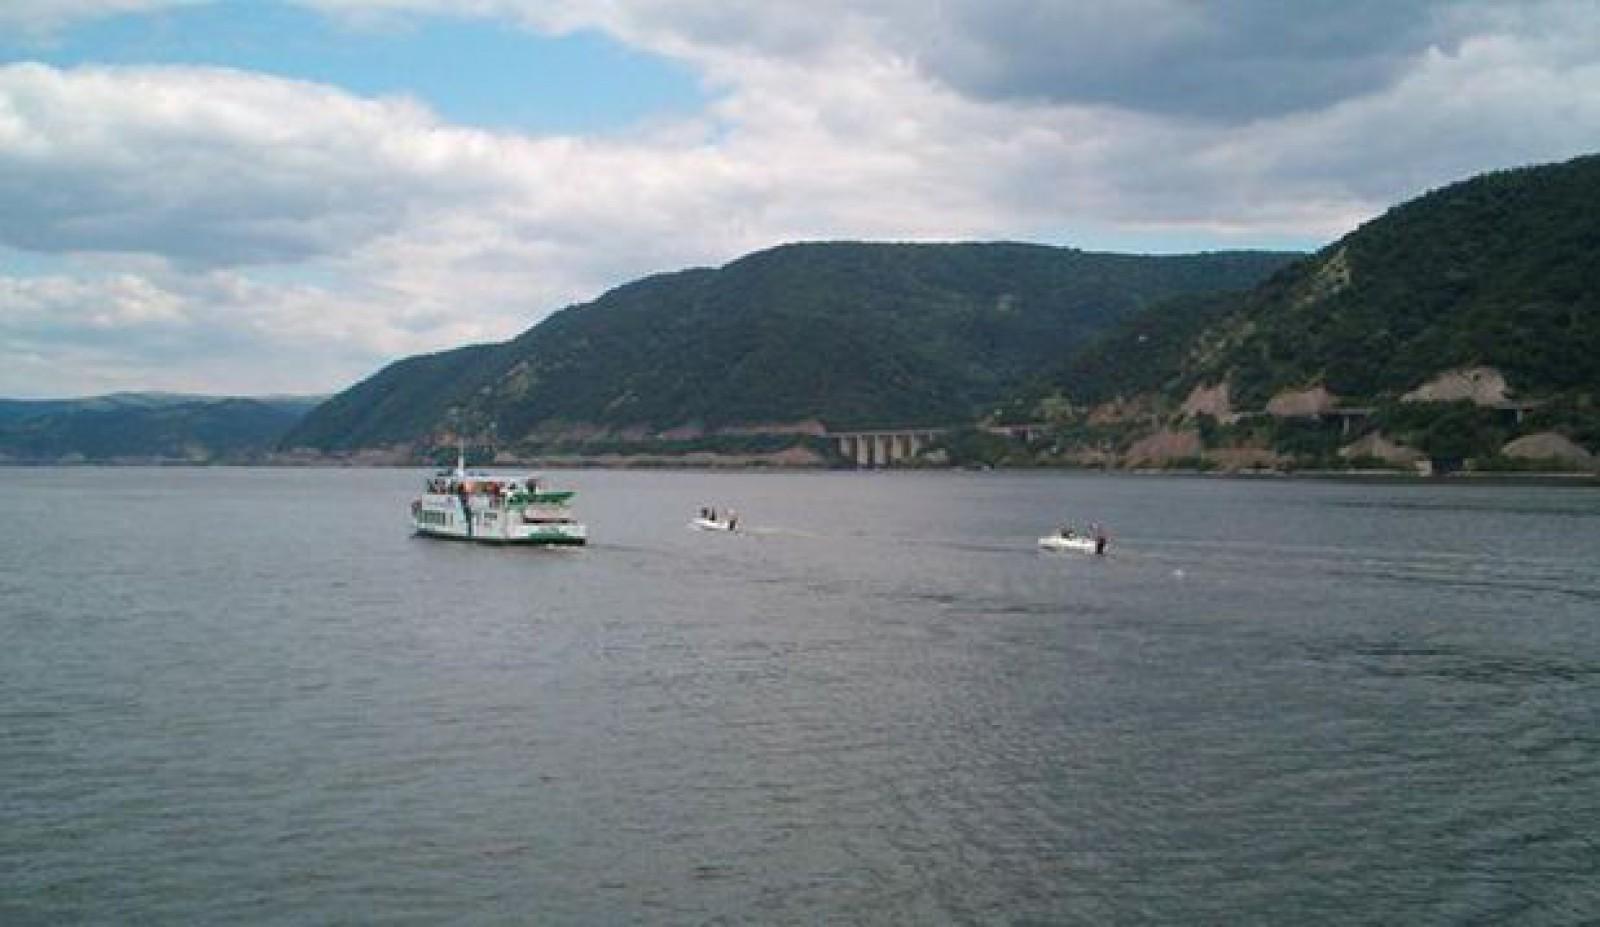 Veste bună pentru iubitorii de croazieră. Au fost reluate croazierele cu vaporul în cel mai spectaculos defileu al Dunării